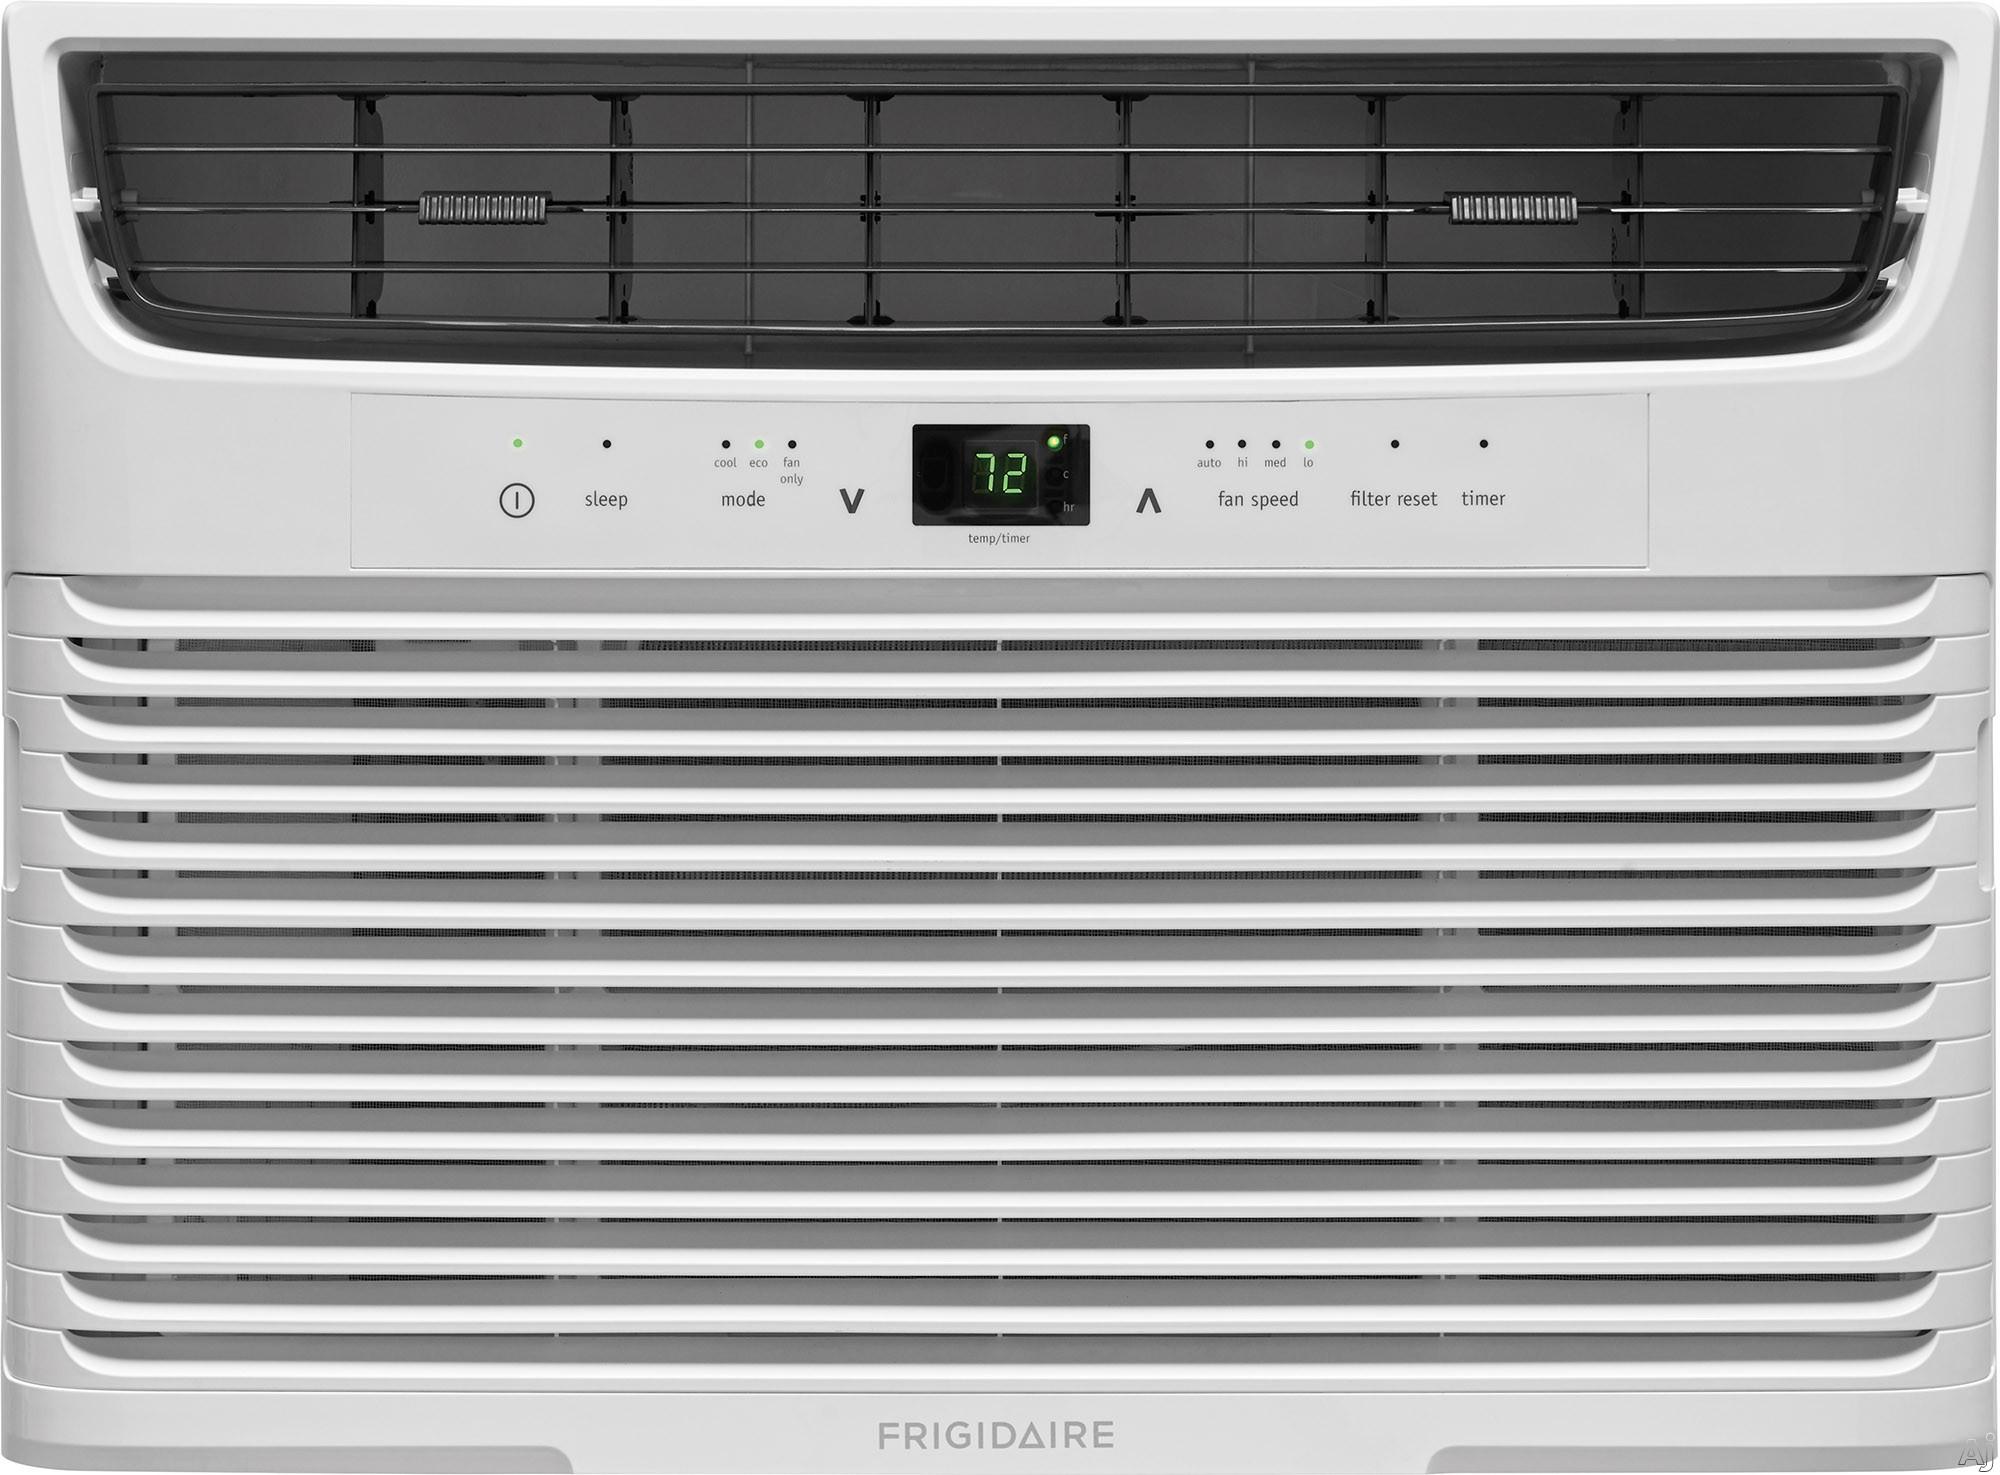 Frigidaire FFRA0622U1 6,000 BTU Room Conditioner with Effortless™ Temperature Control, Programmable 24-Hour Timer, SpaceWise® Adjustable Side Panels, Effortless™ Clean Filter, Effortles